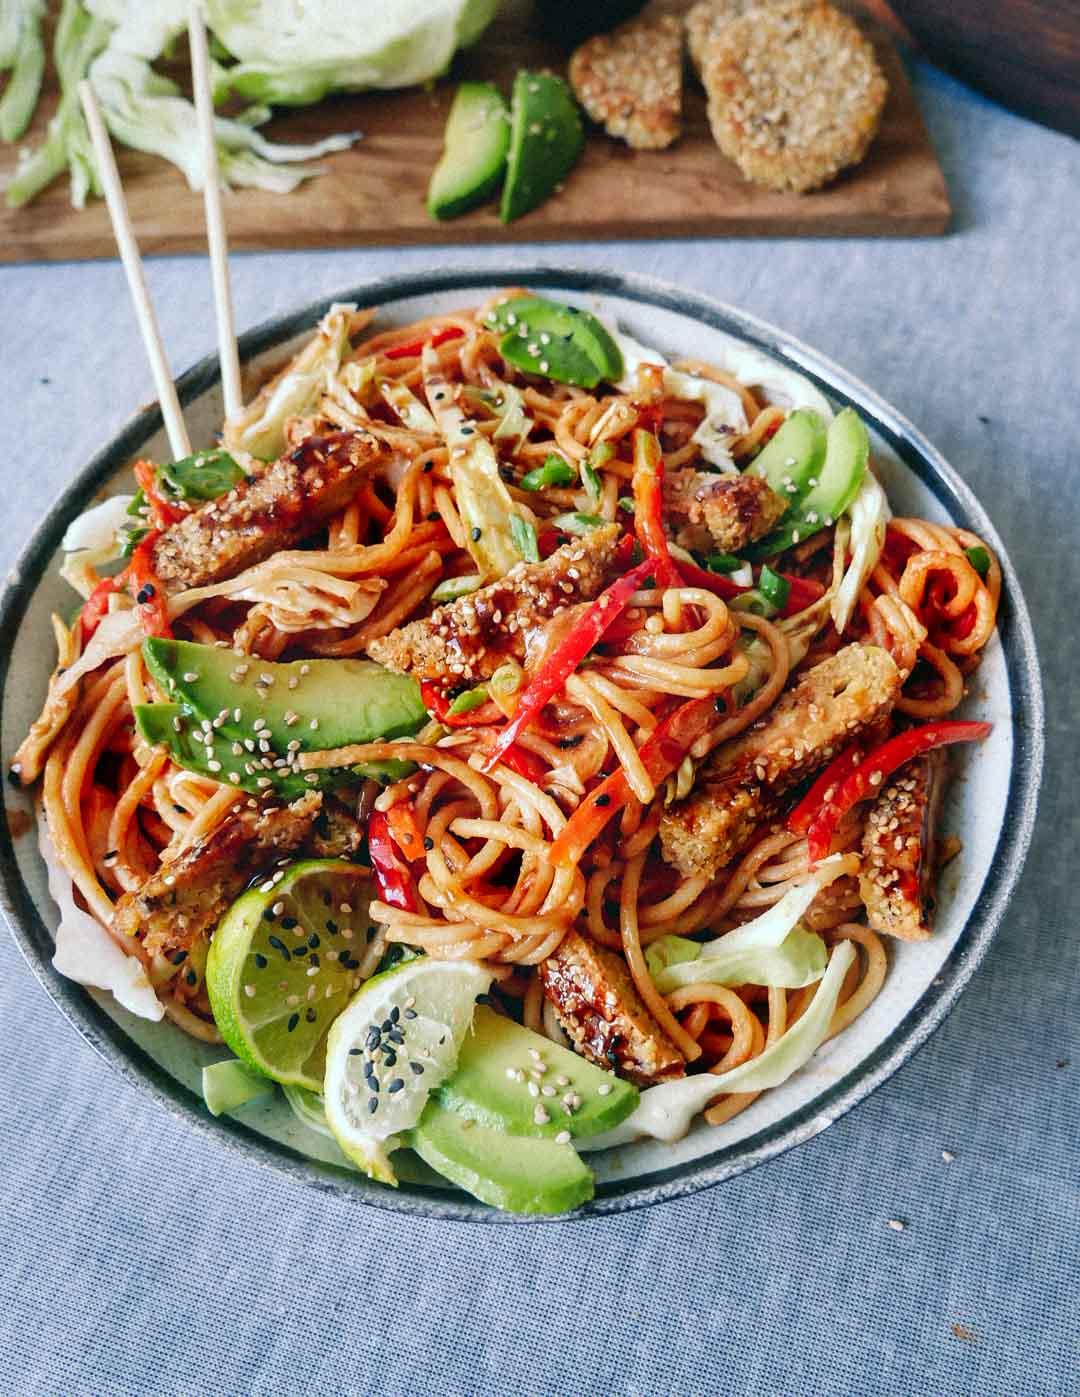 vegan spaghetti dinner